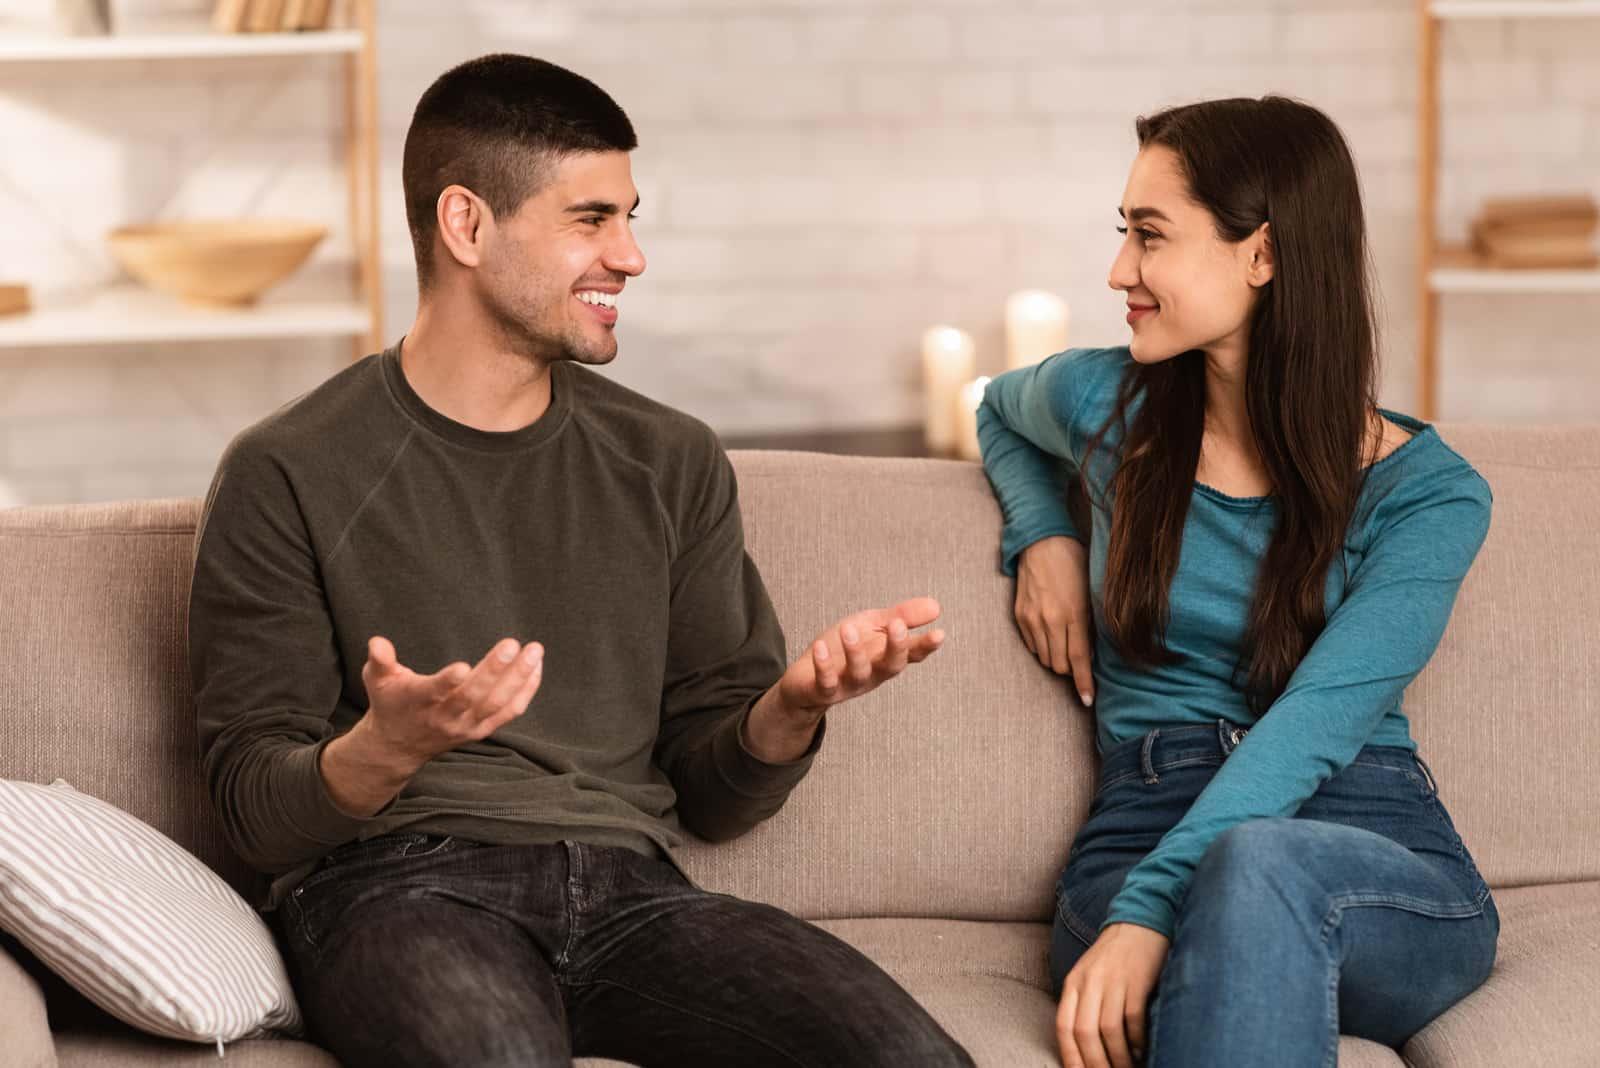 homme heureux parlant à une femme assise sur un canapé